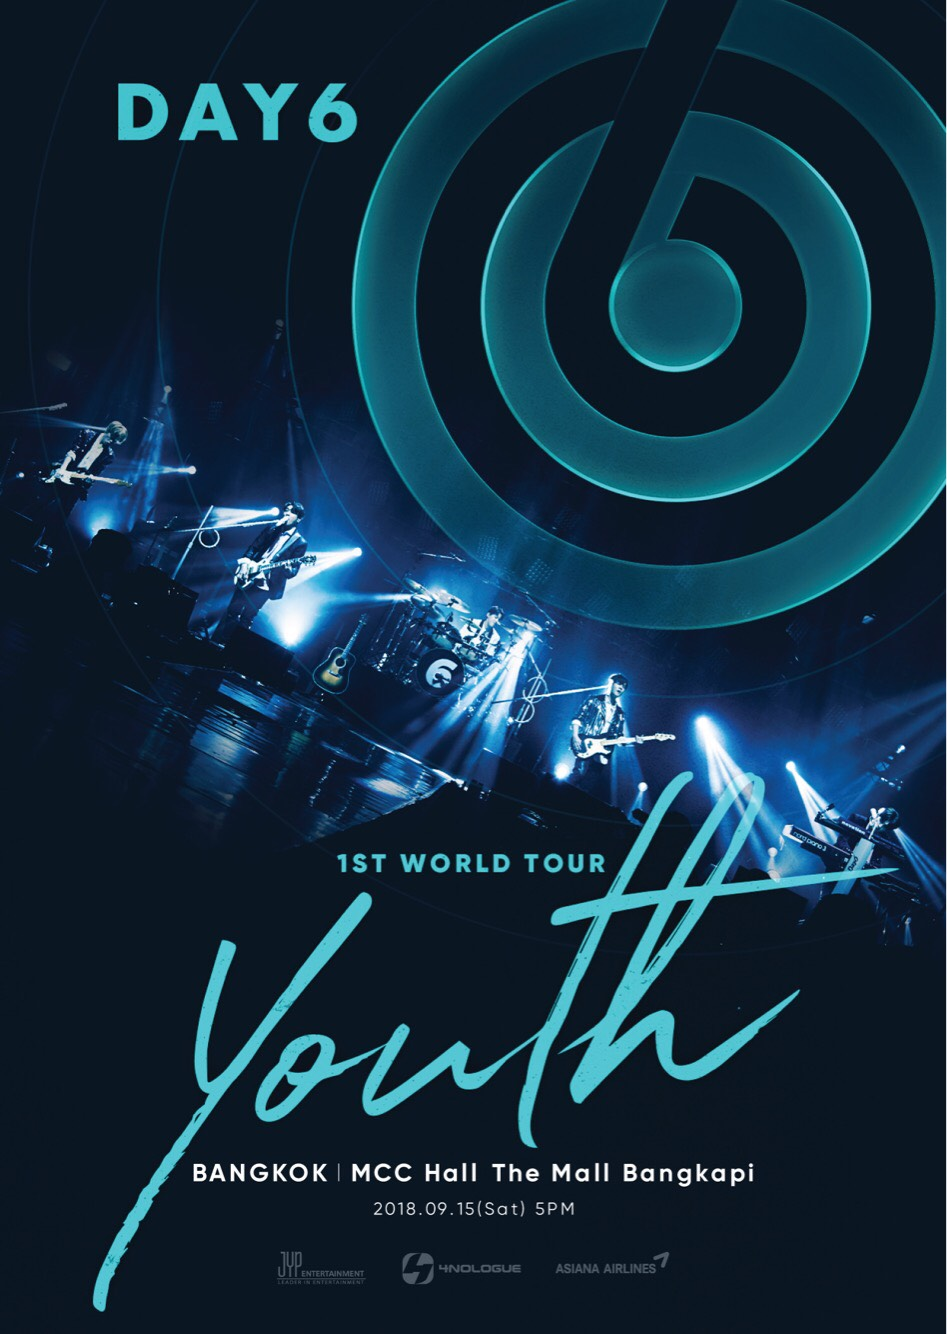 DAY6 World Tour